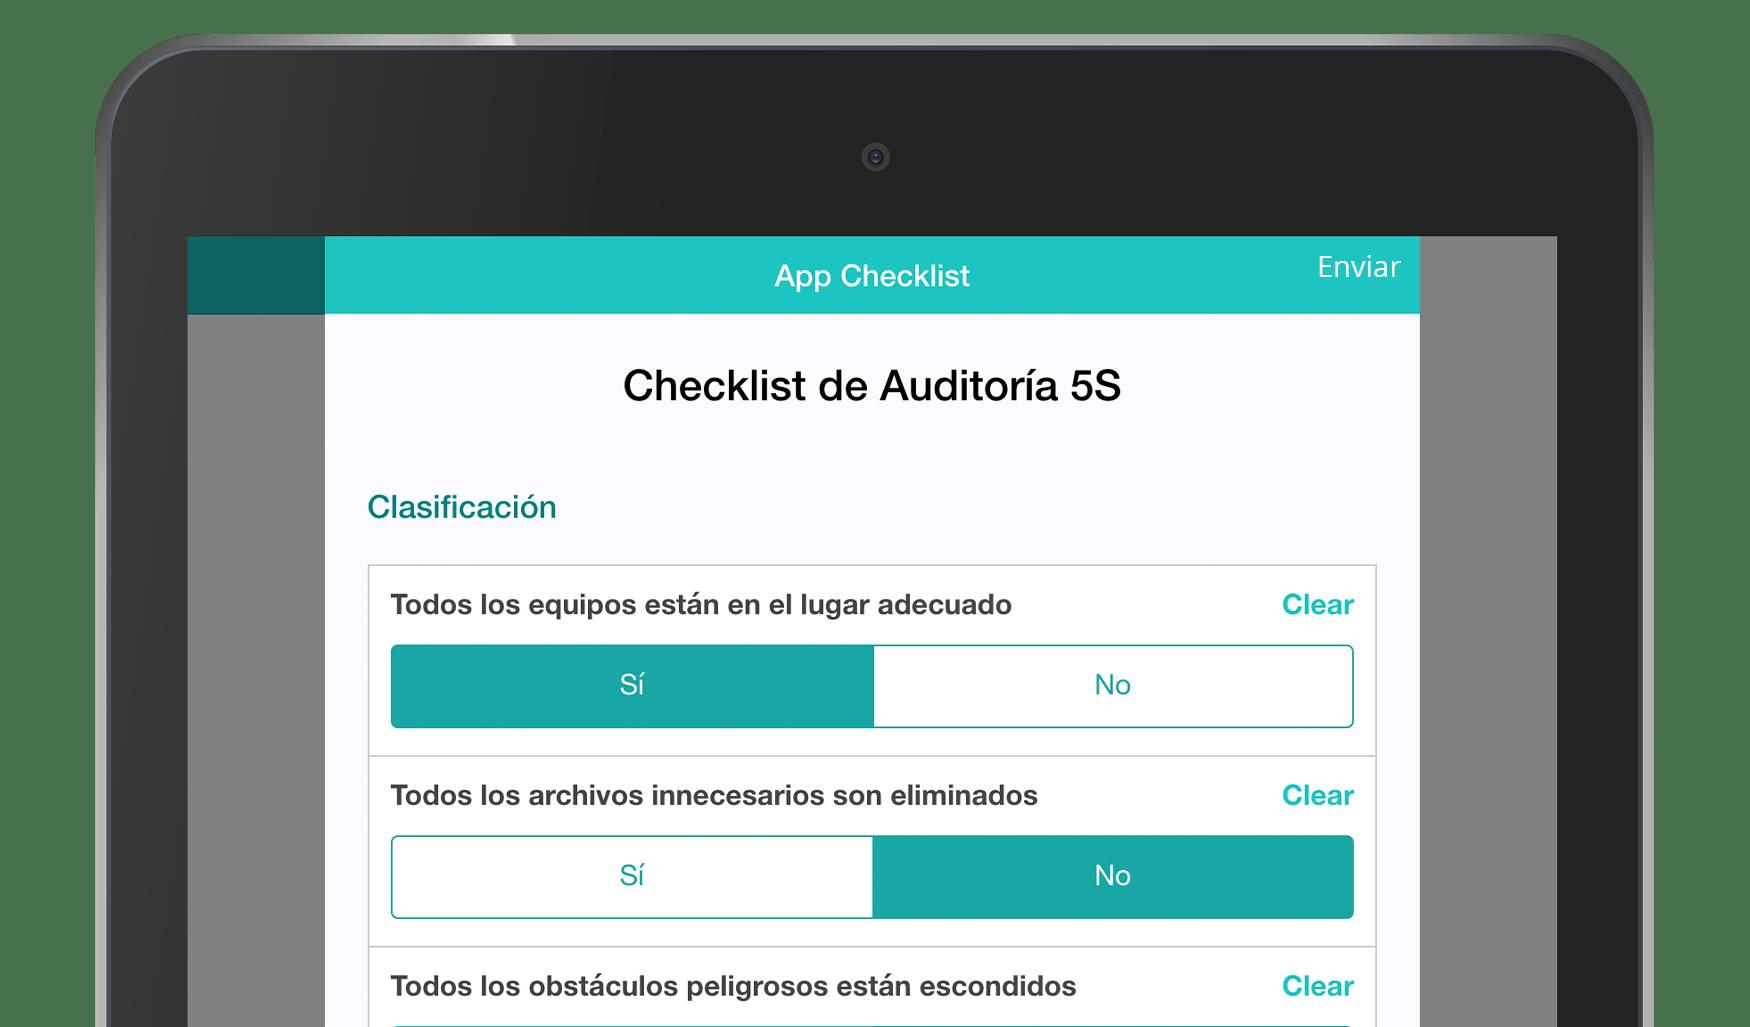 Formulario MoreApp de Checklist